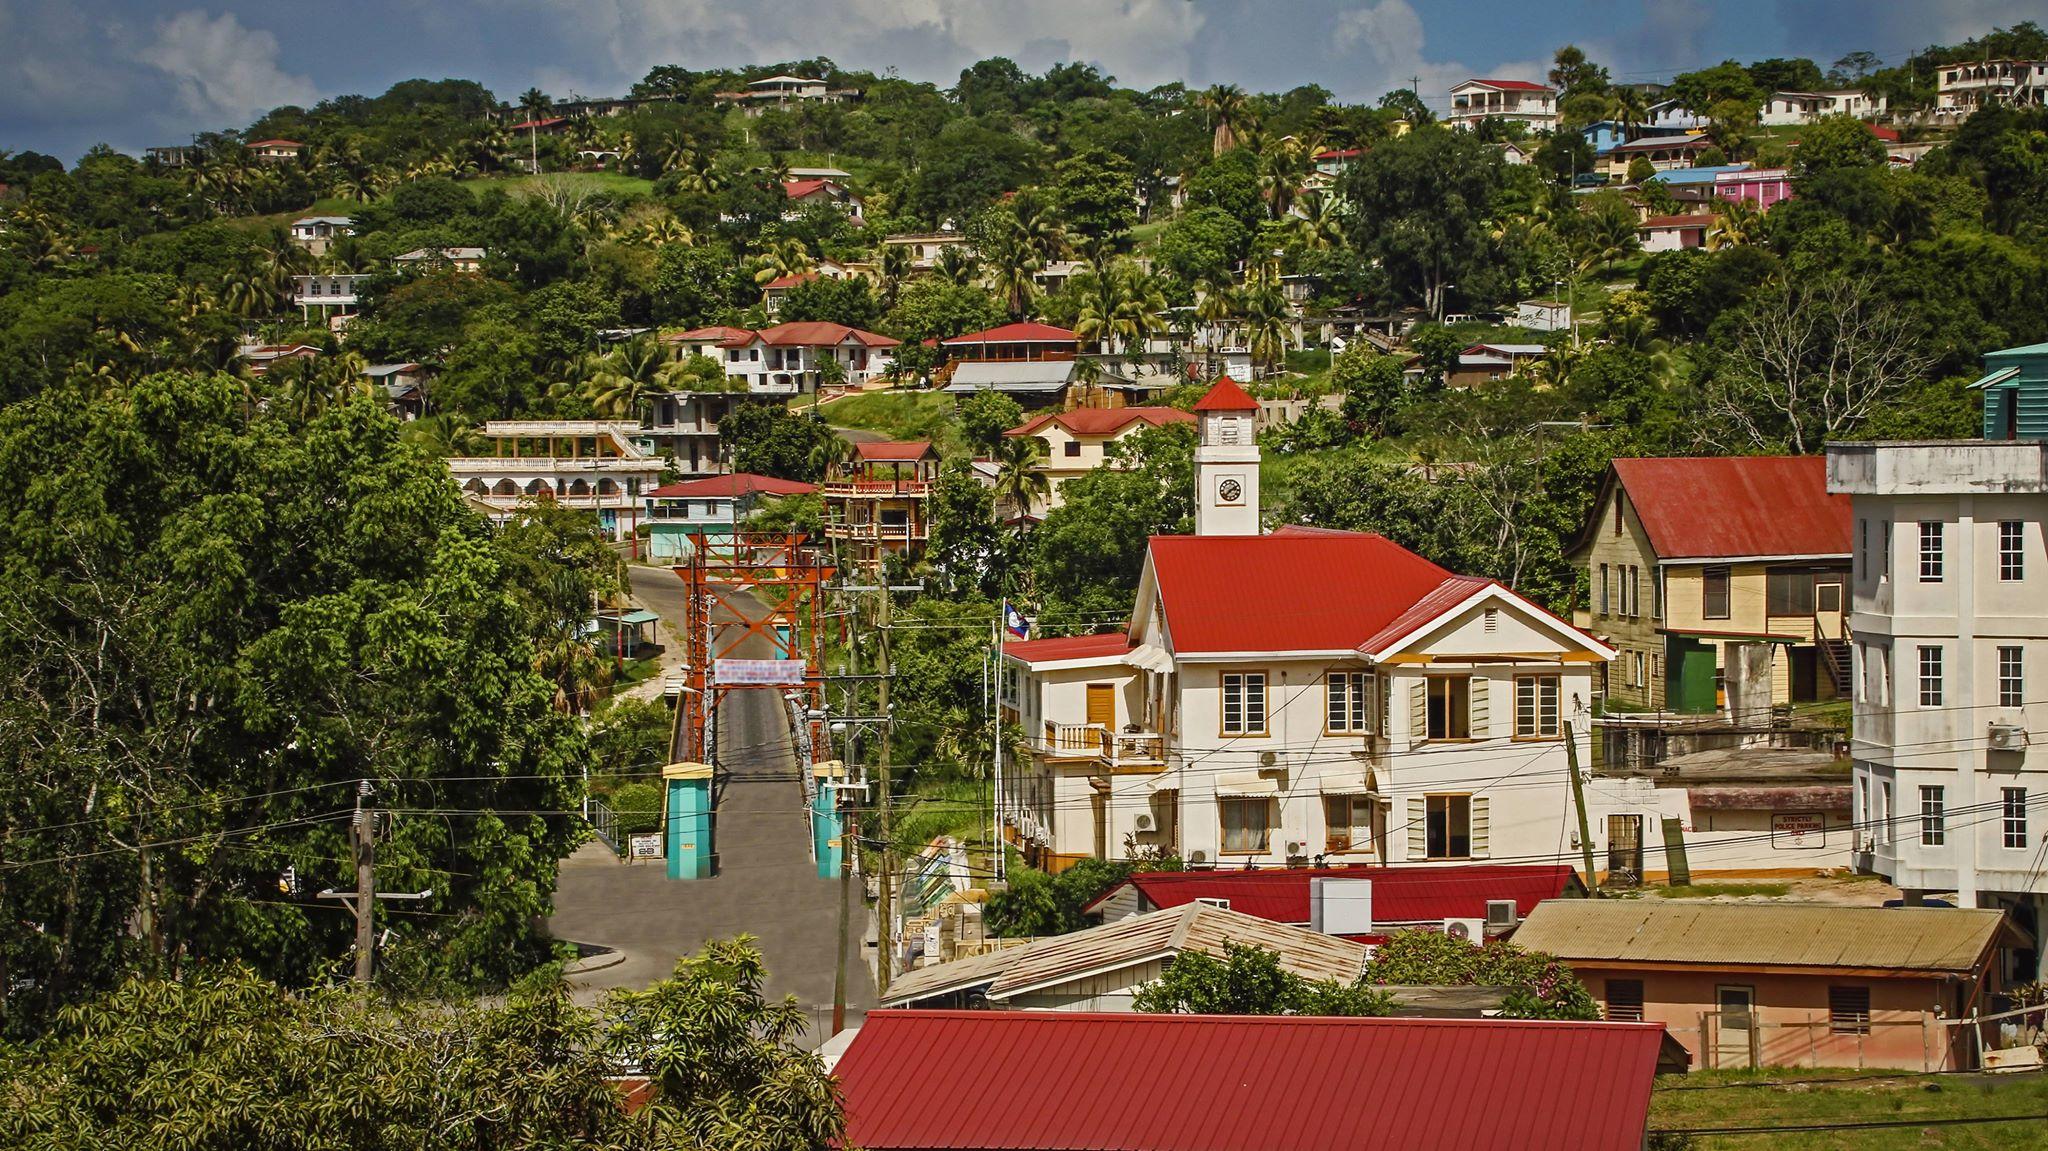 Is San Ignacio Belize Safe?